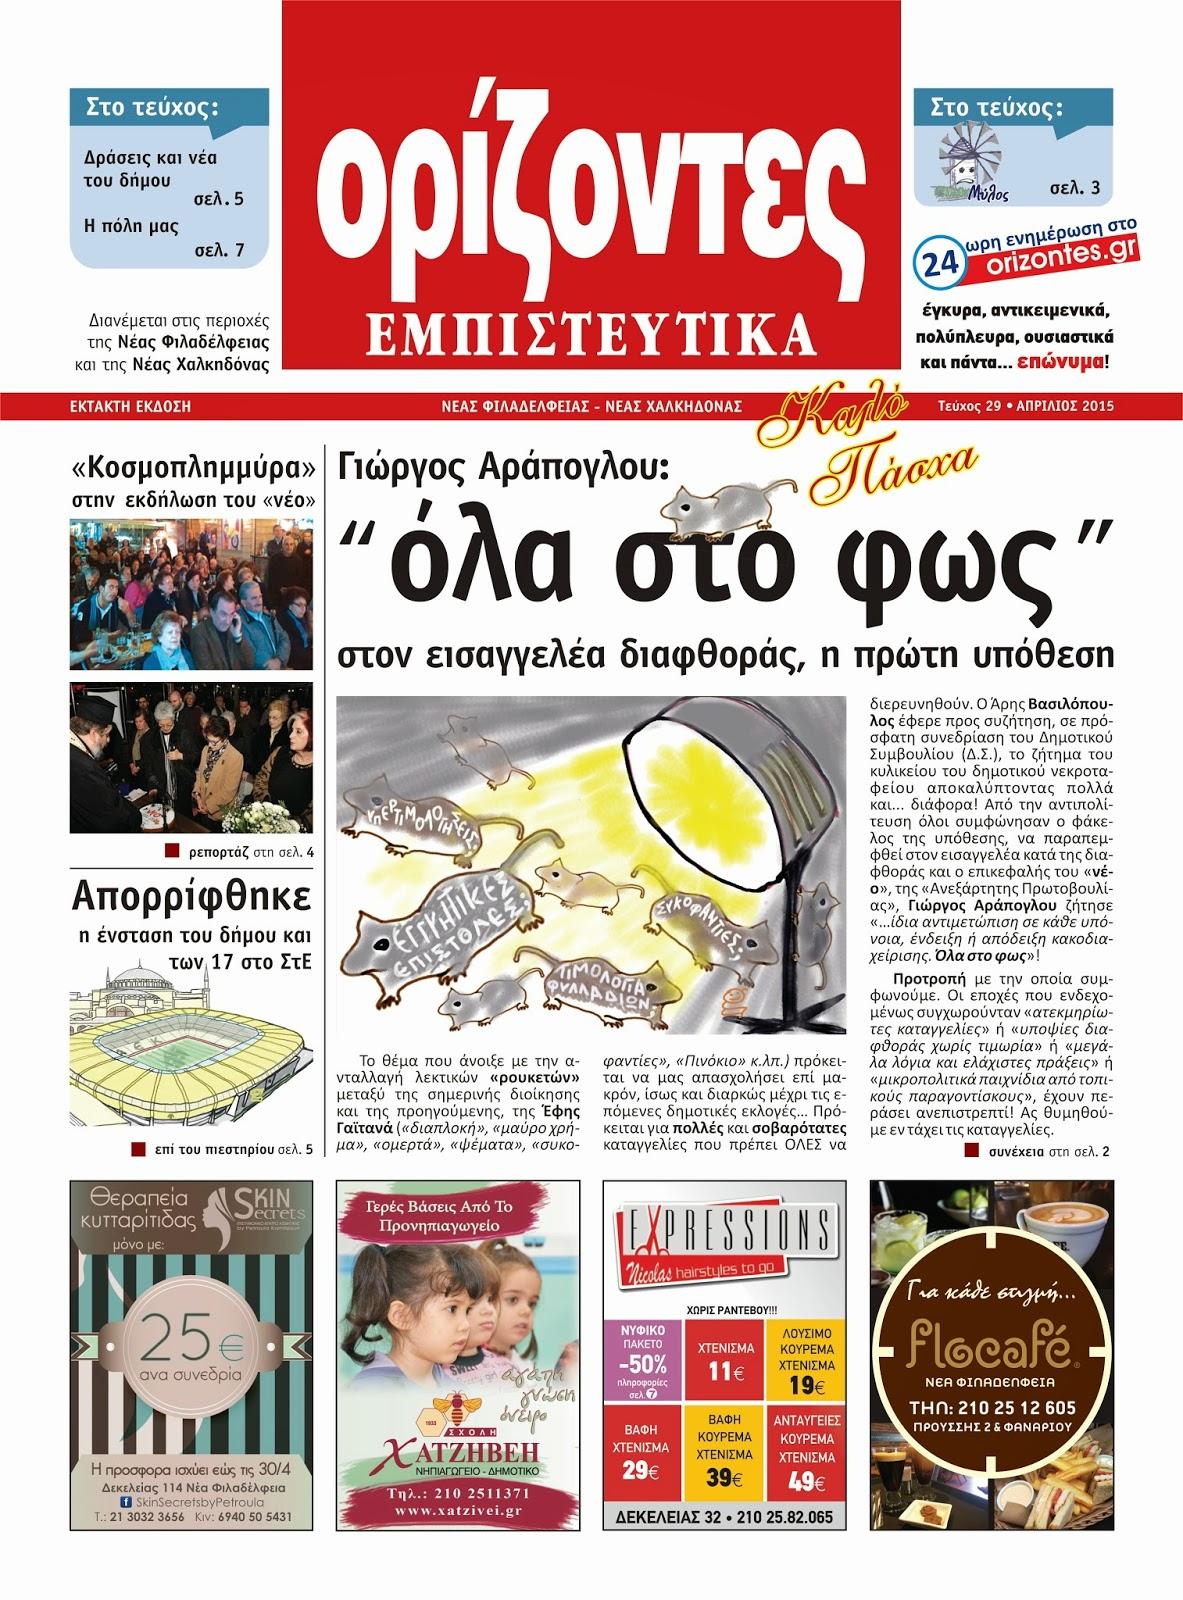 http://www.orizontes.gr/publications/OrizEmpist29/